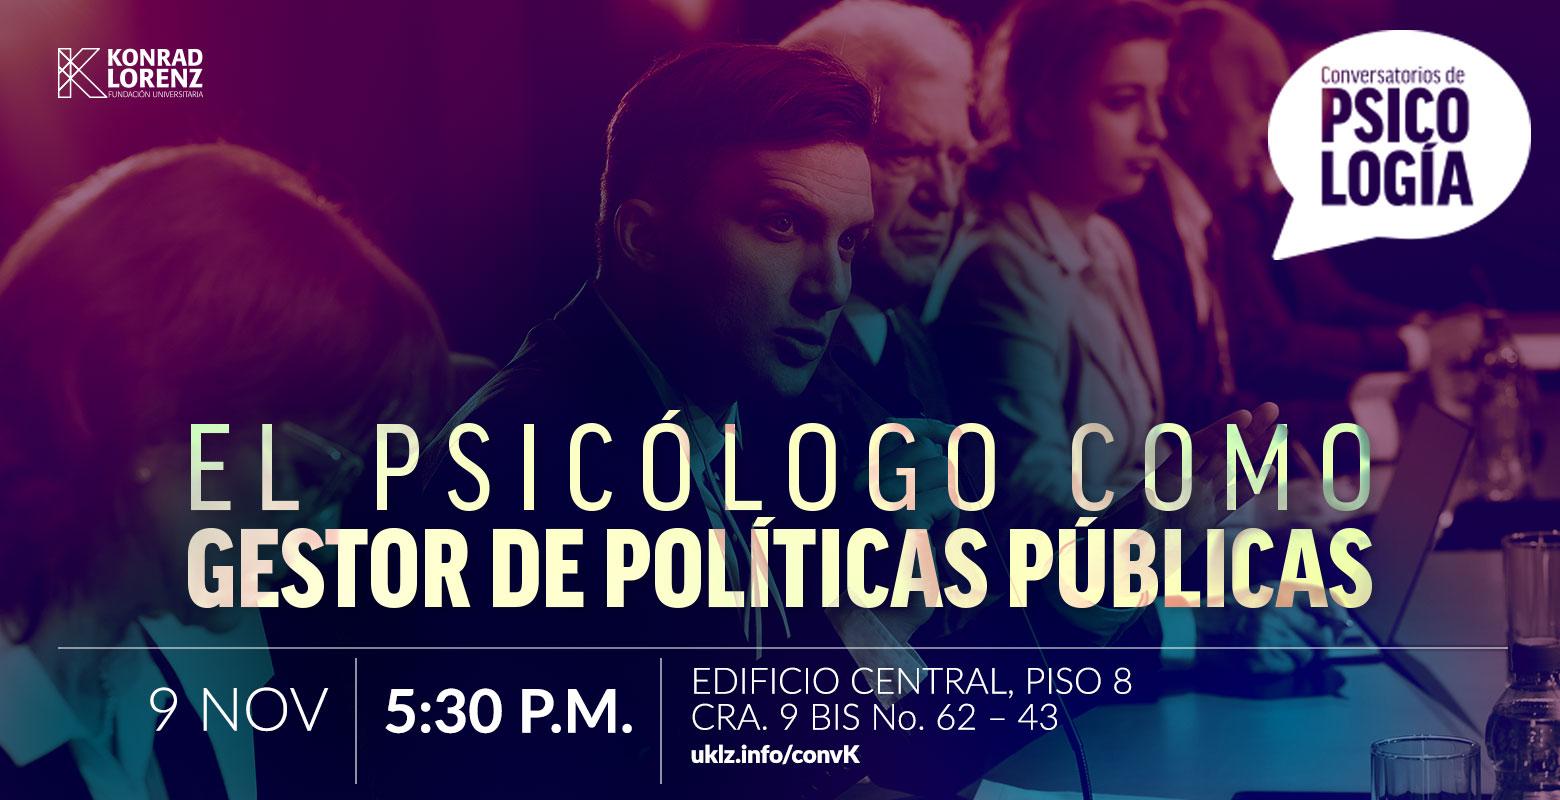 Conversatorio: El psicólogo como gestor de políticas públicas